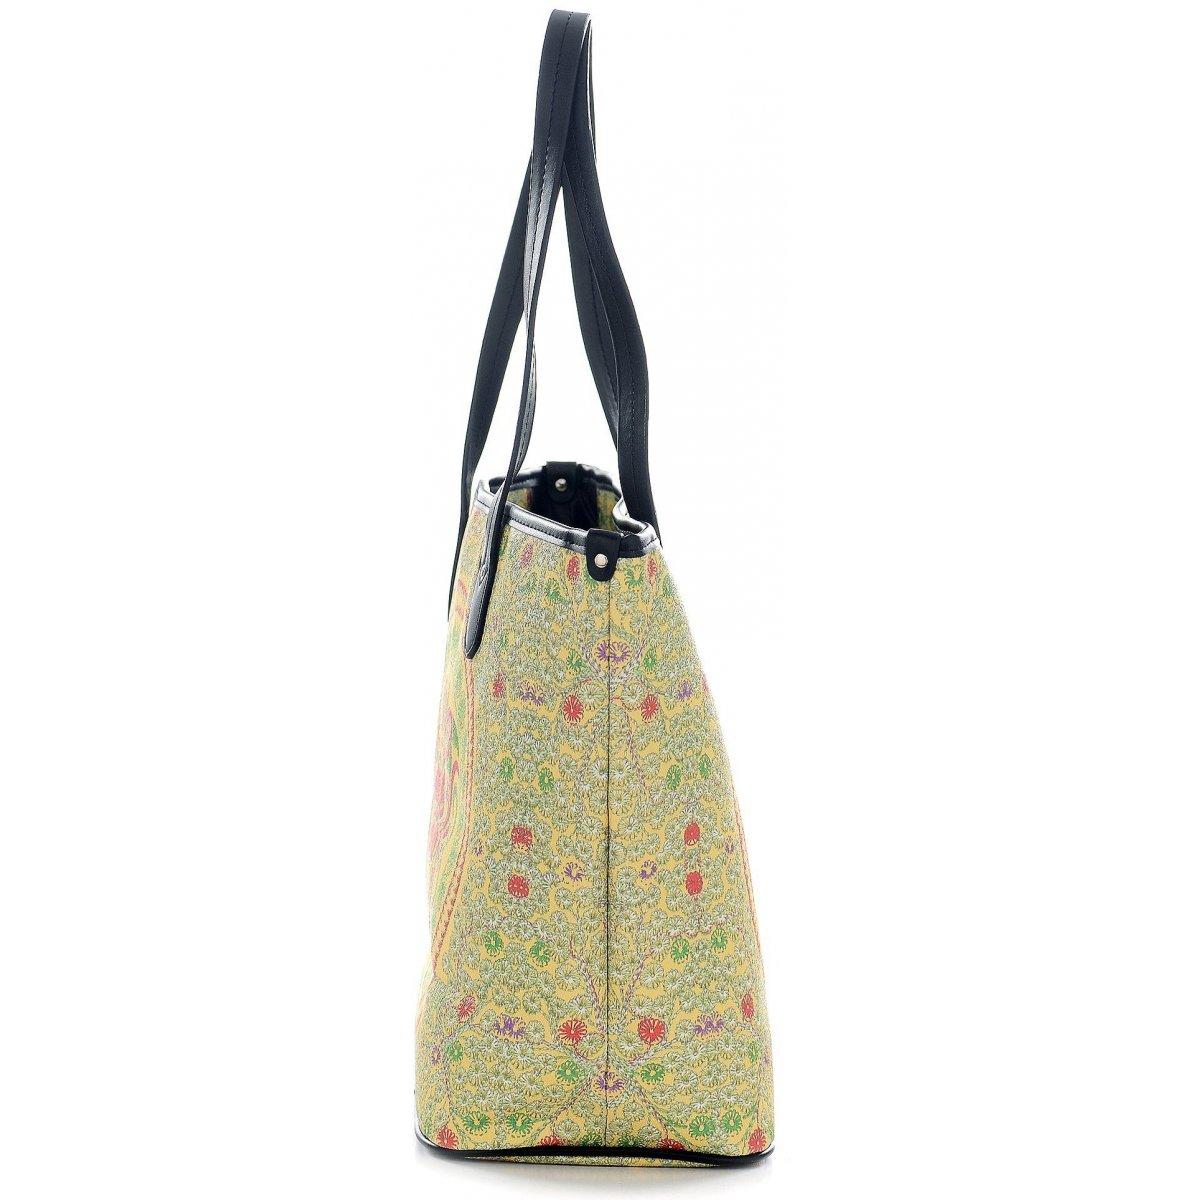 sac main les sacs de krlot fk161016 couleur principale 1 solde. Black Bedroom Furniture Sets. Home Design Ideas